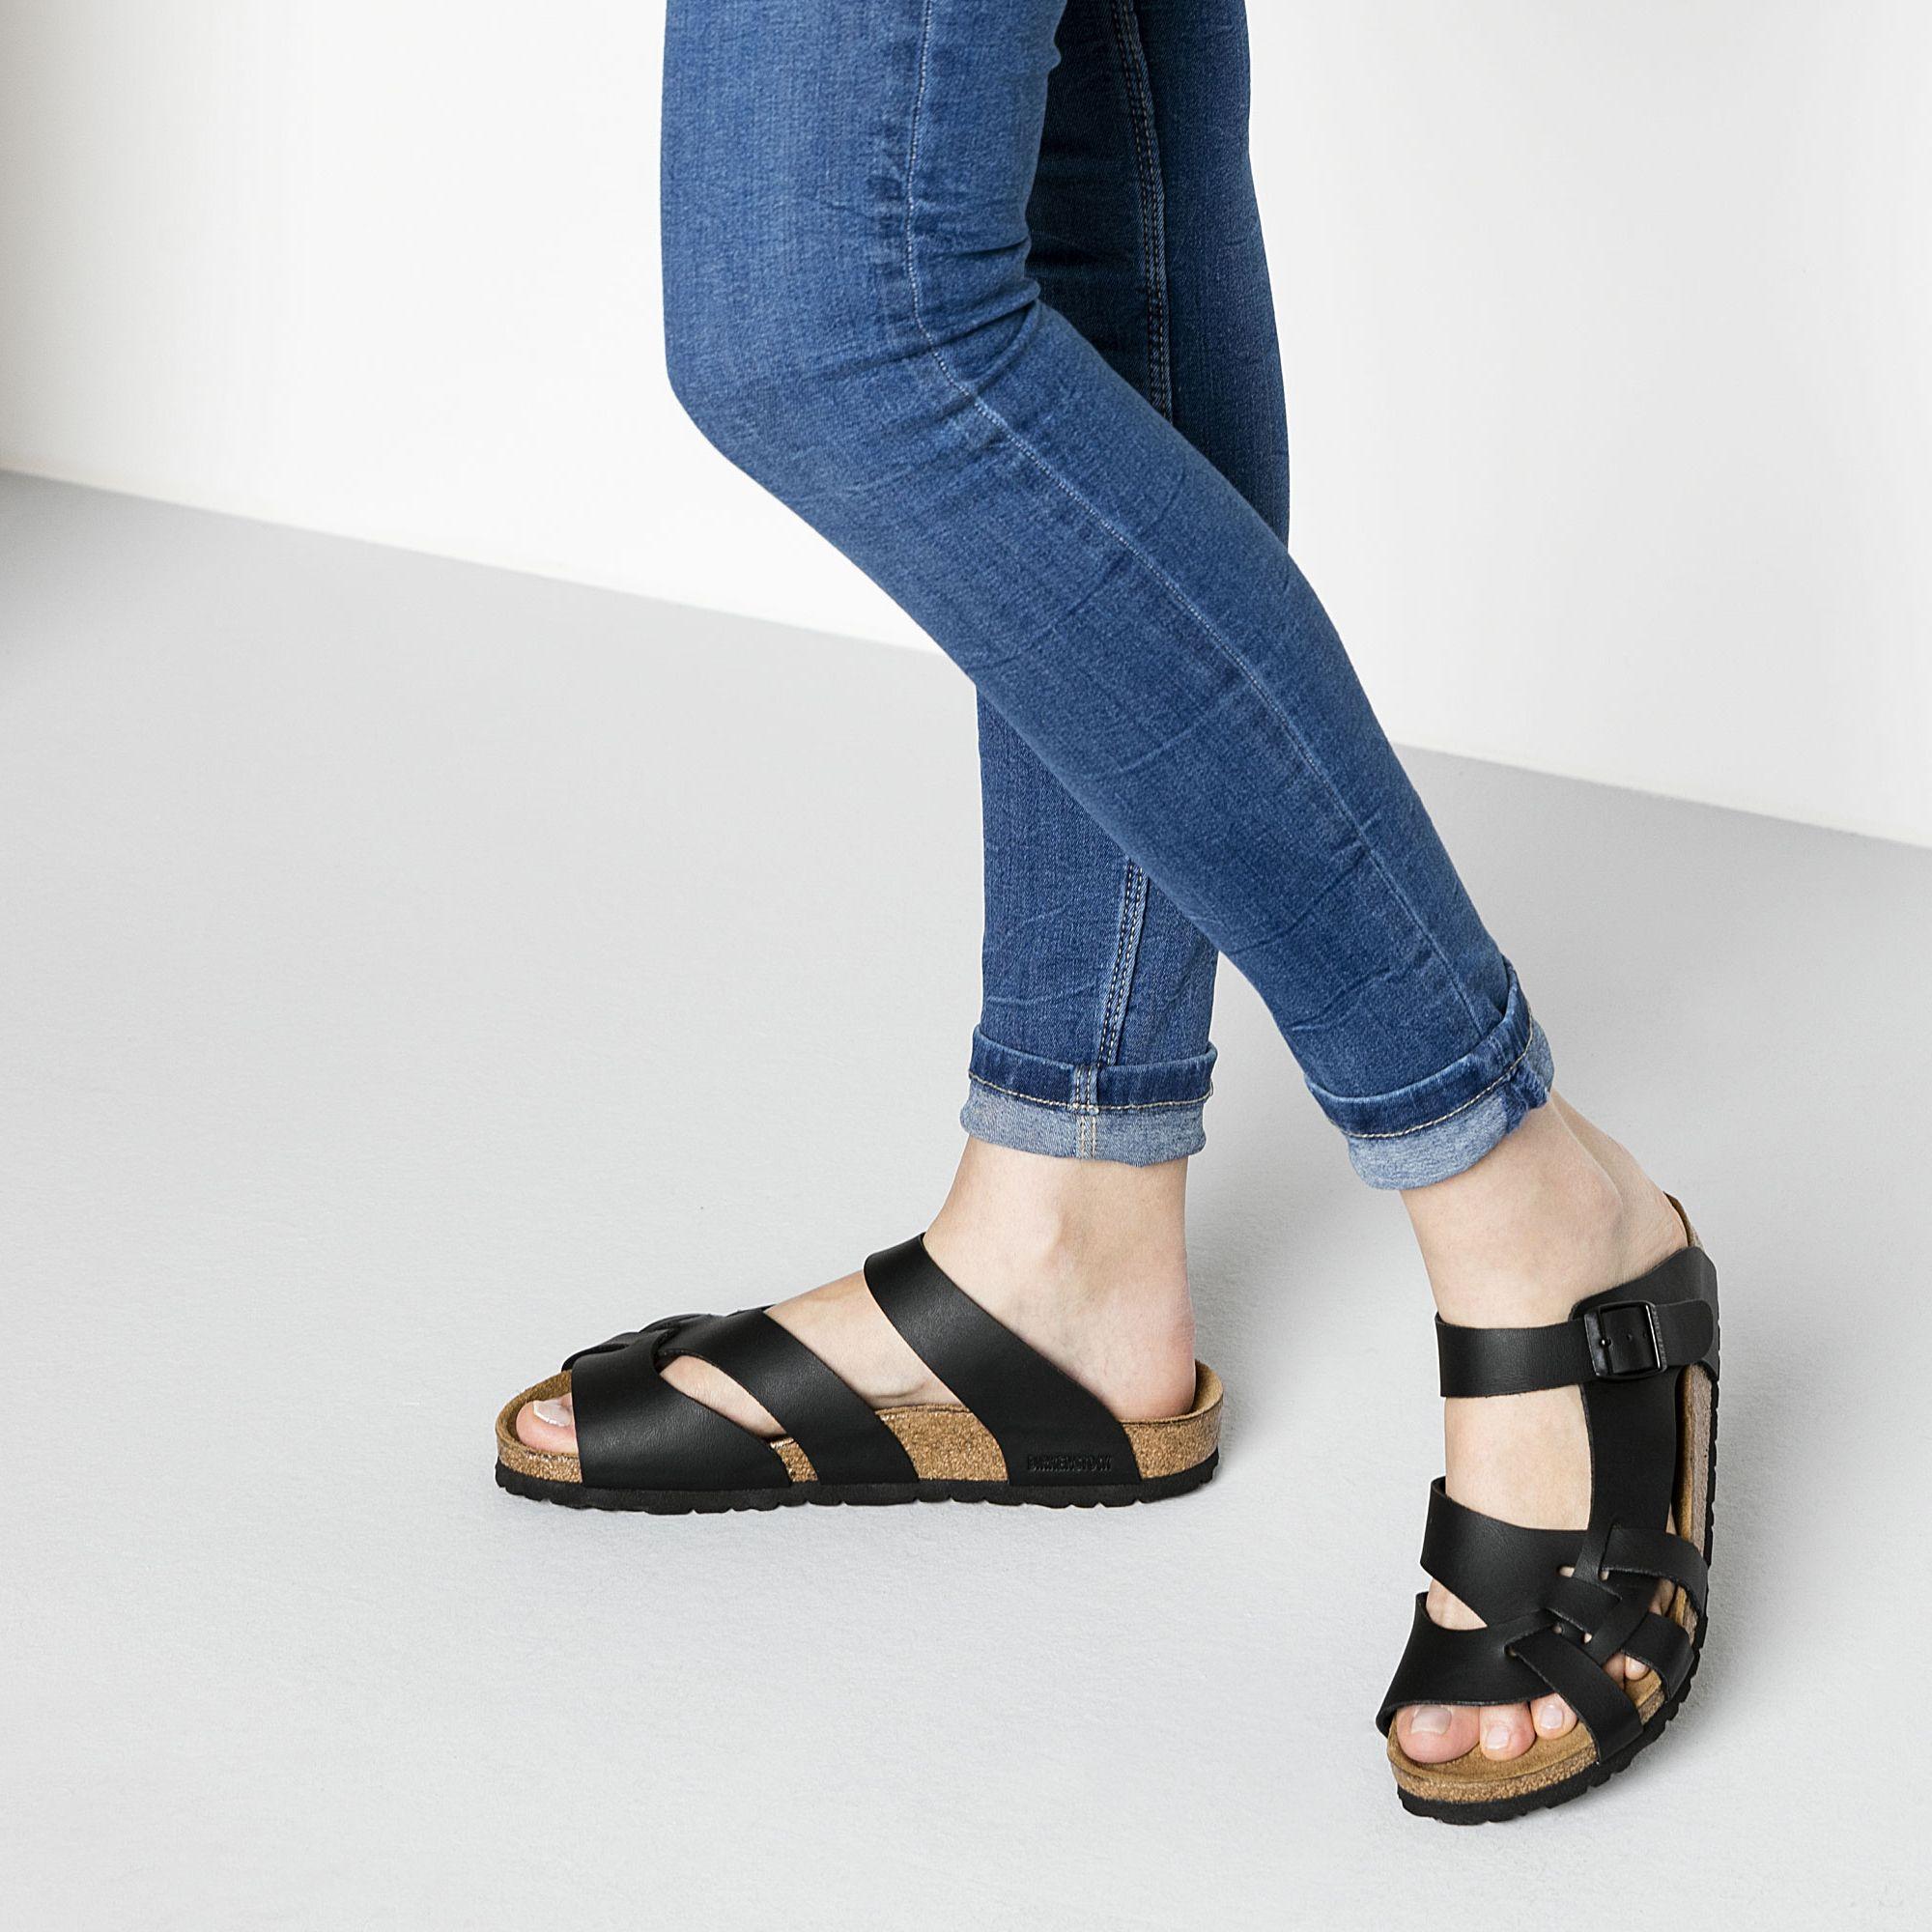 Pisa Birko Flor Black | Birkenstock, Leather sandals, Shoes